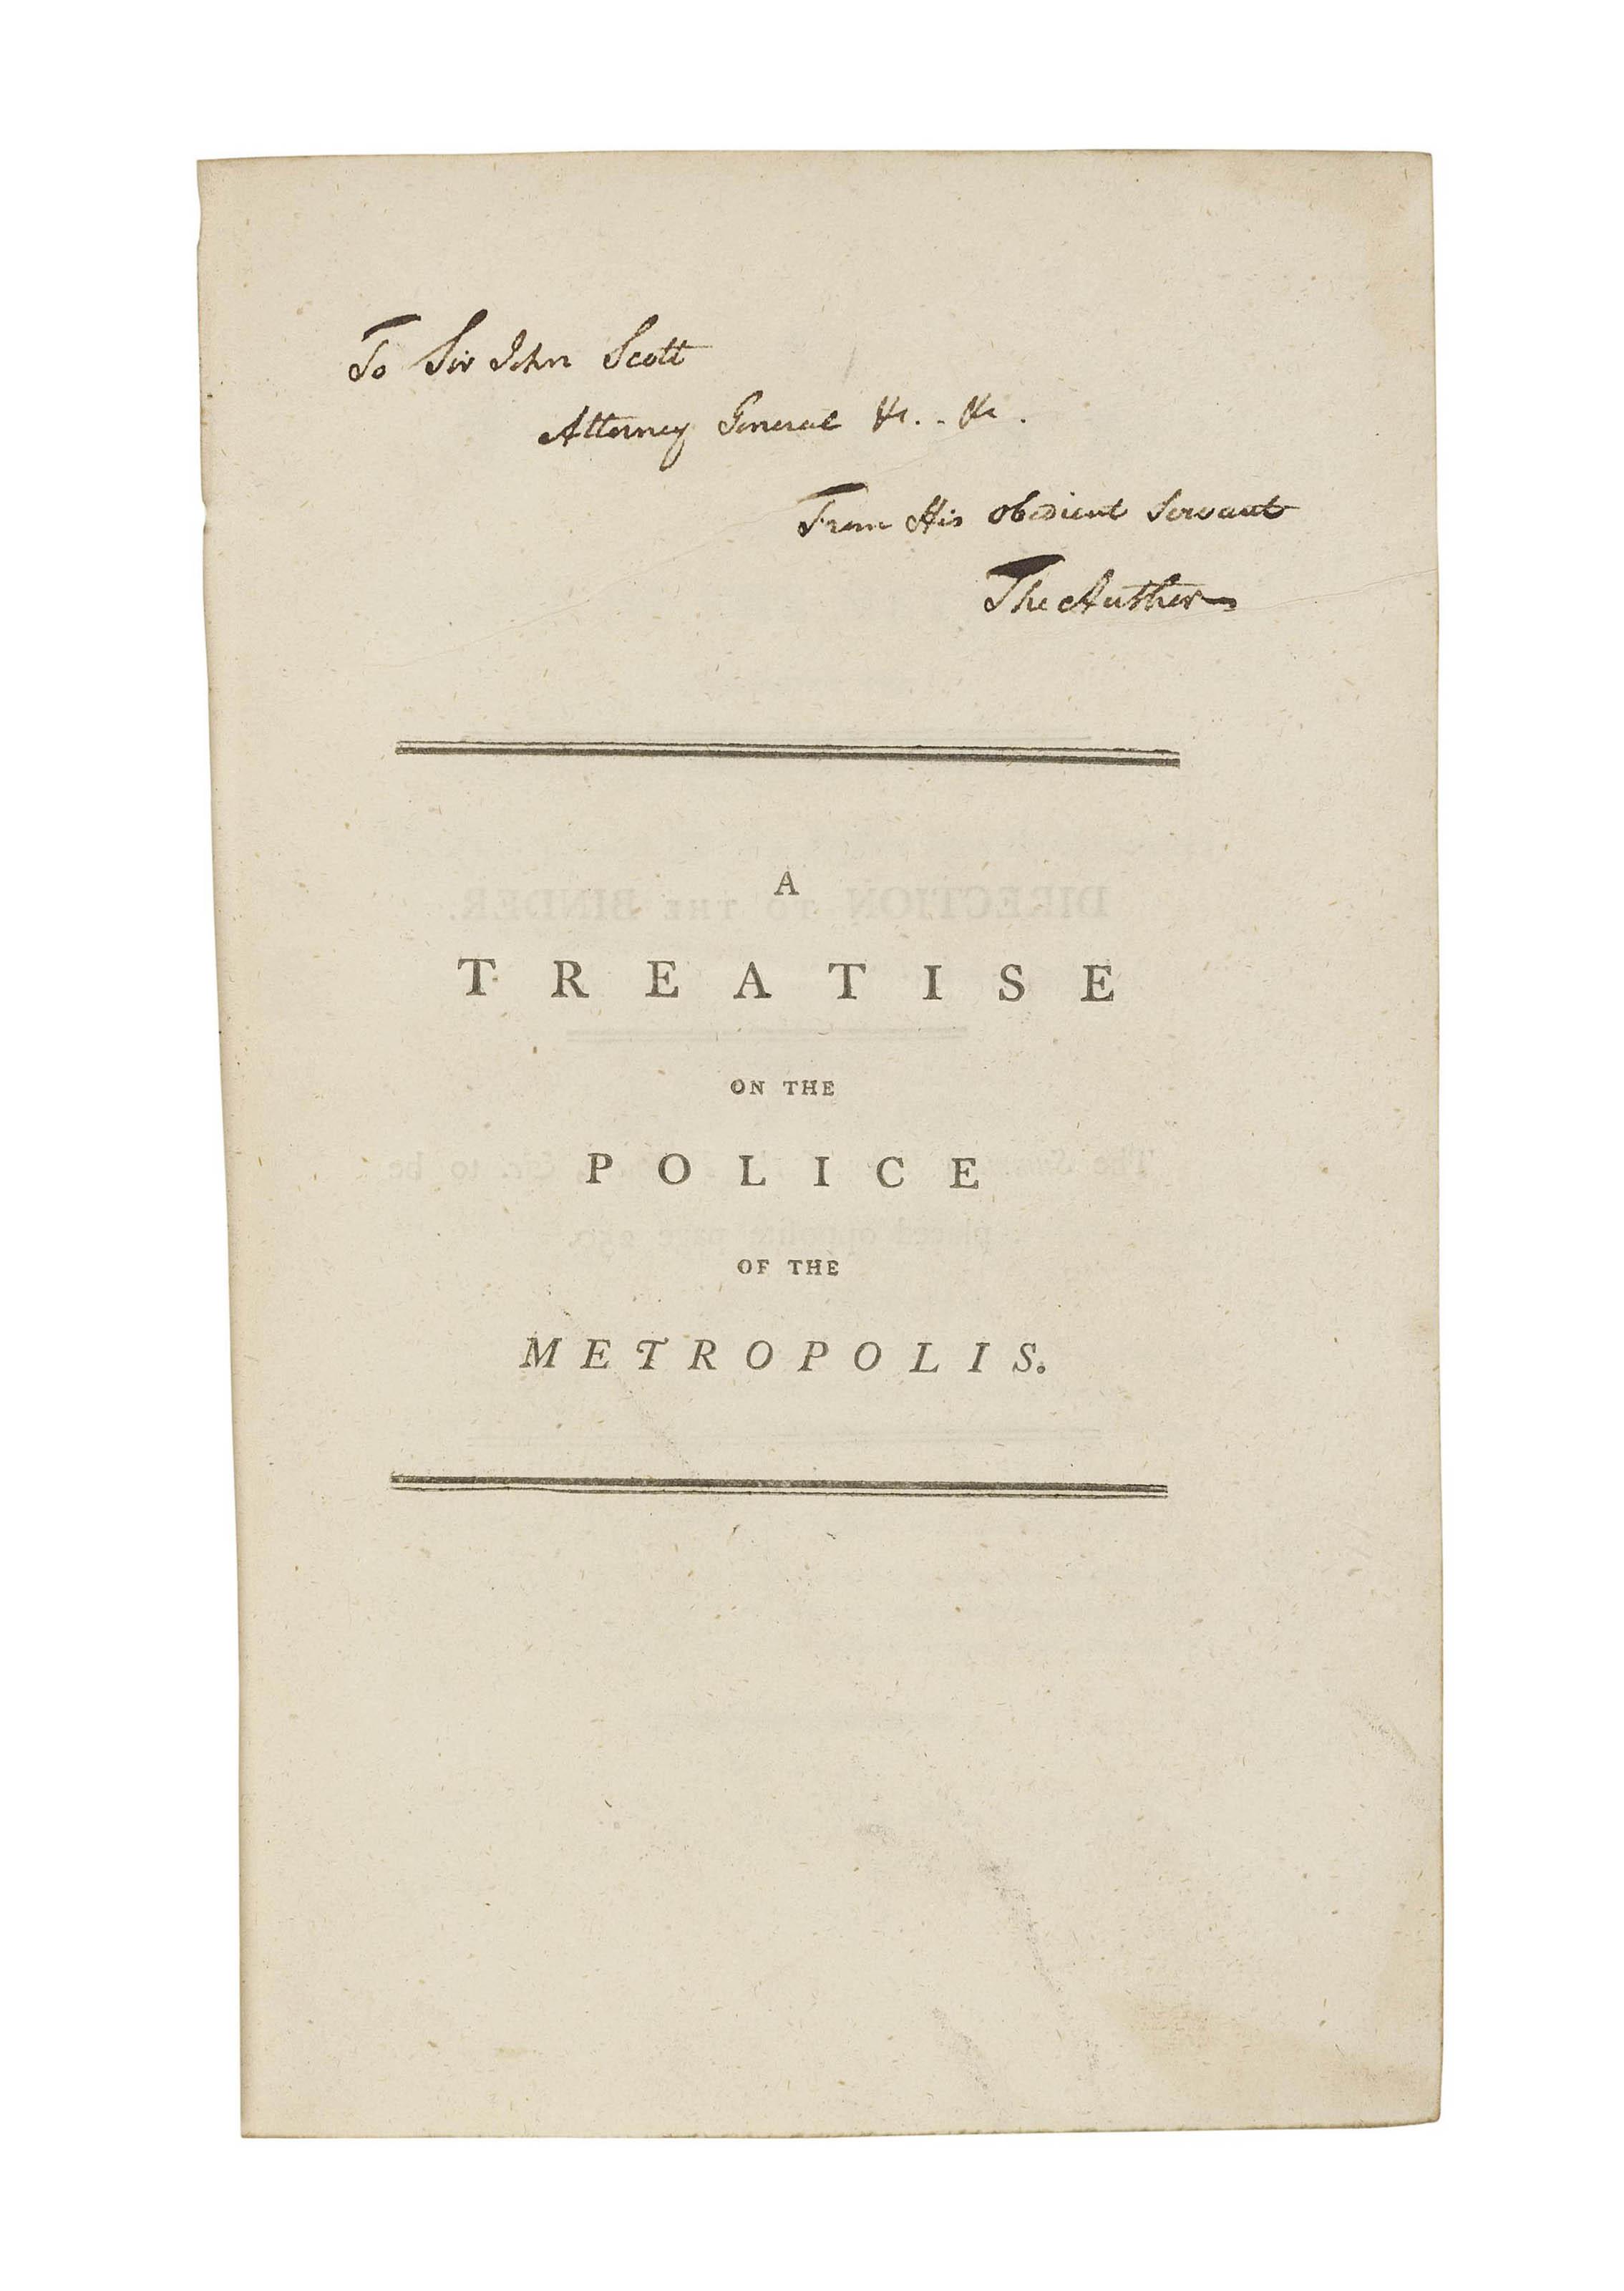 [COLQUHOUN, Patrick (1745-1820